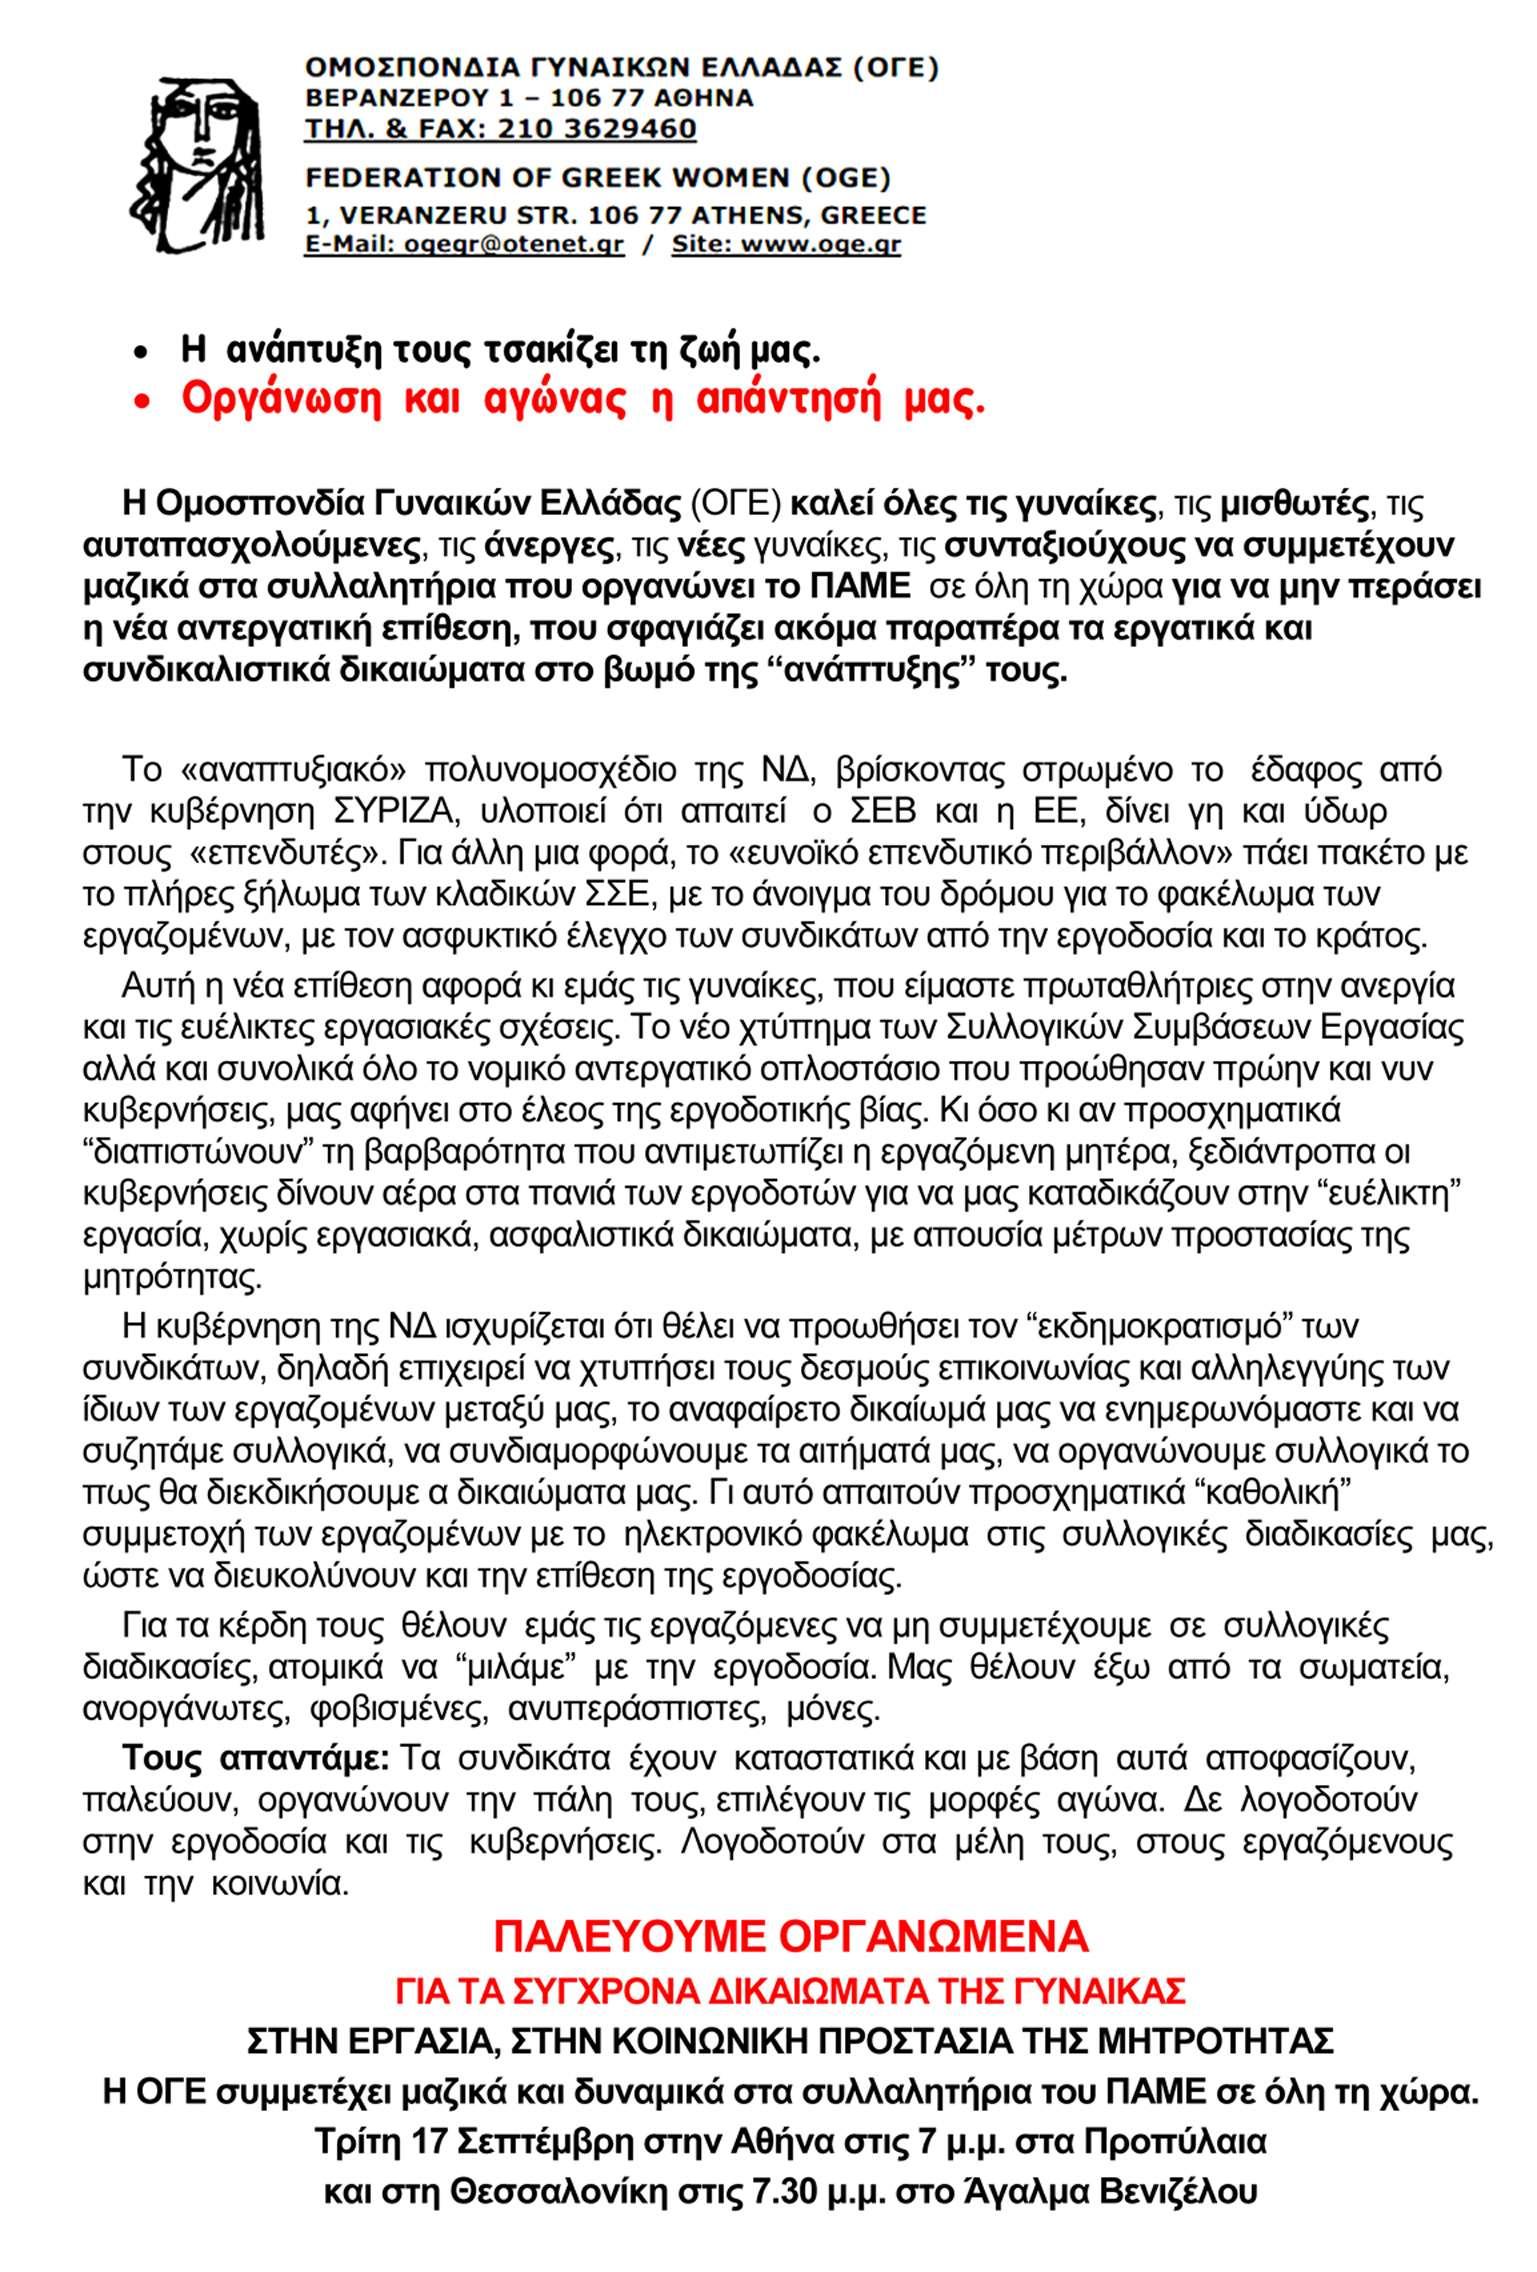 ΟΓΕ ΠΑΜΕ 17 Σεπ 19 Η ΟΓΕ συμμετέχει μαζικά και δυναμικά στα συλλαλητήρια του ΠΑΜΕ σε όλη τη χώρα